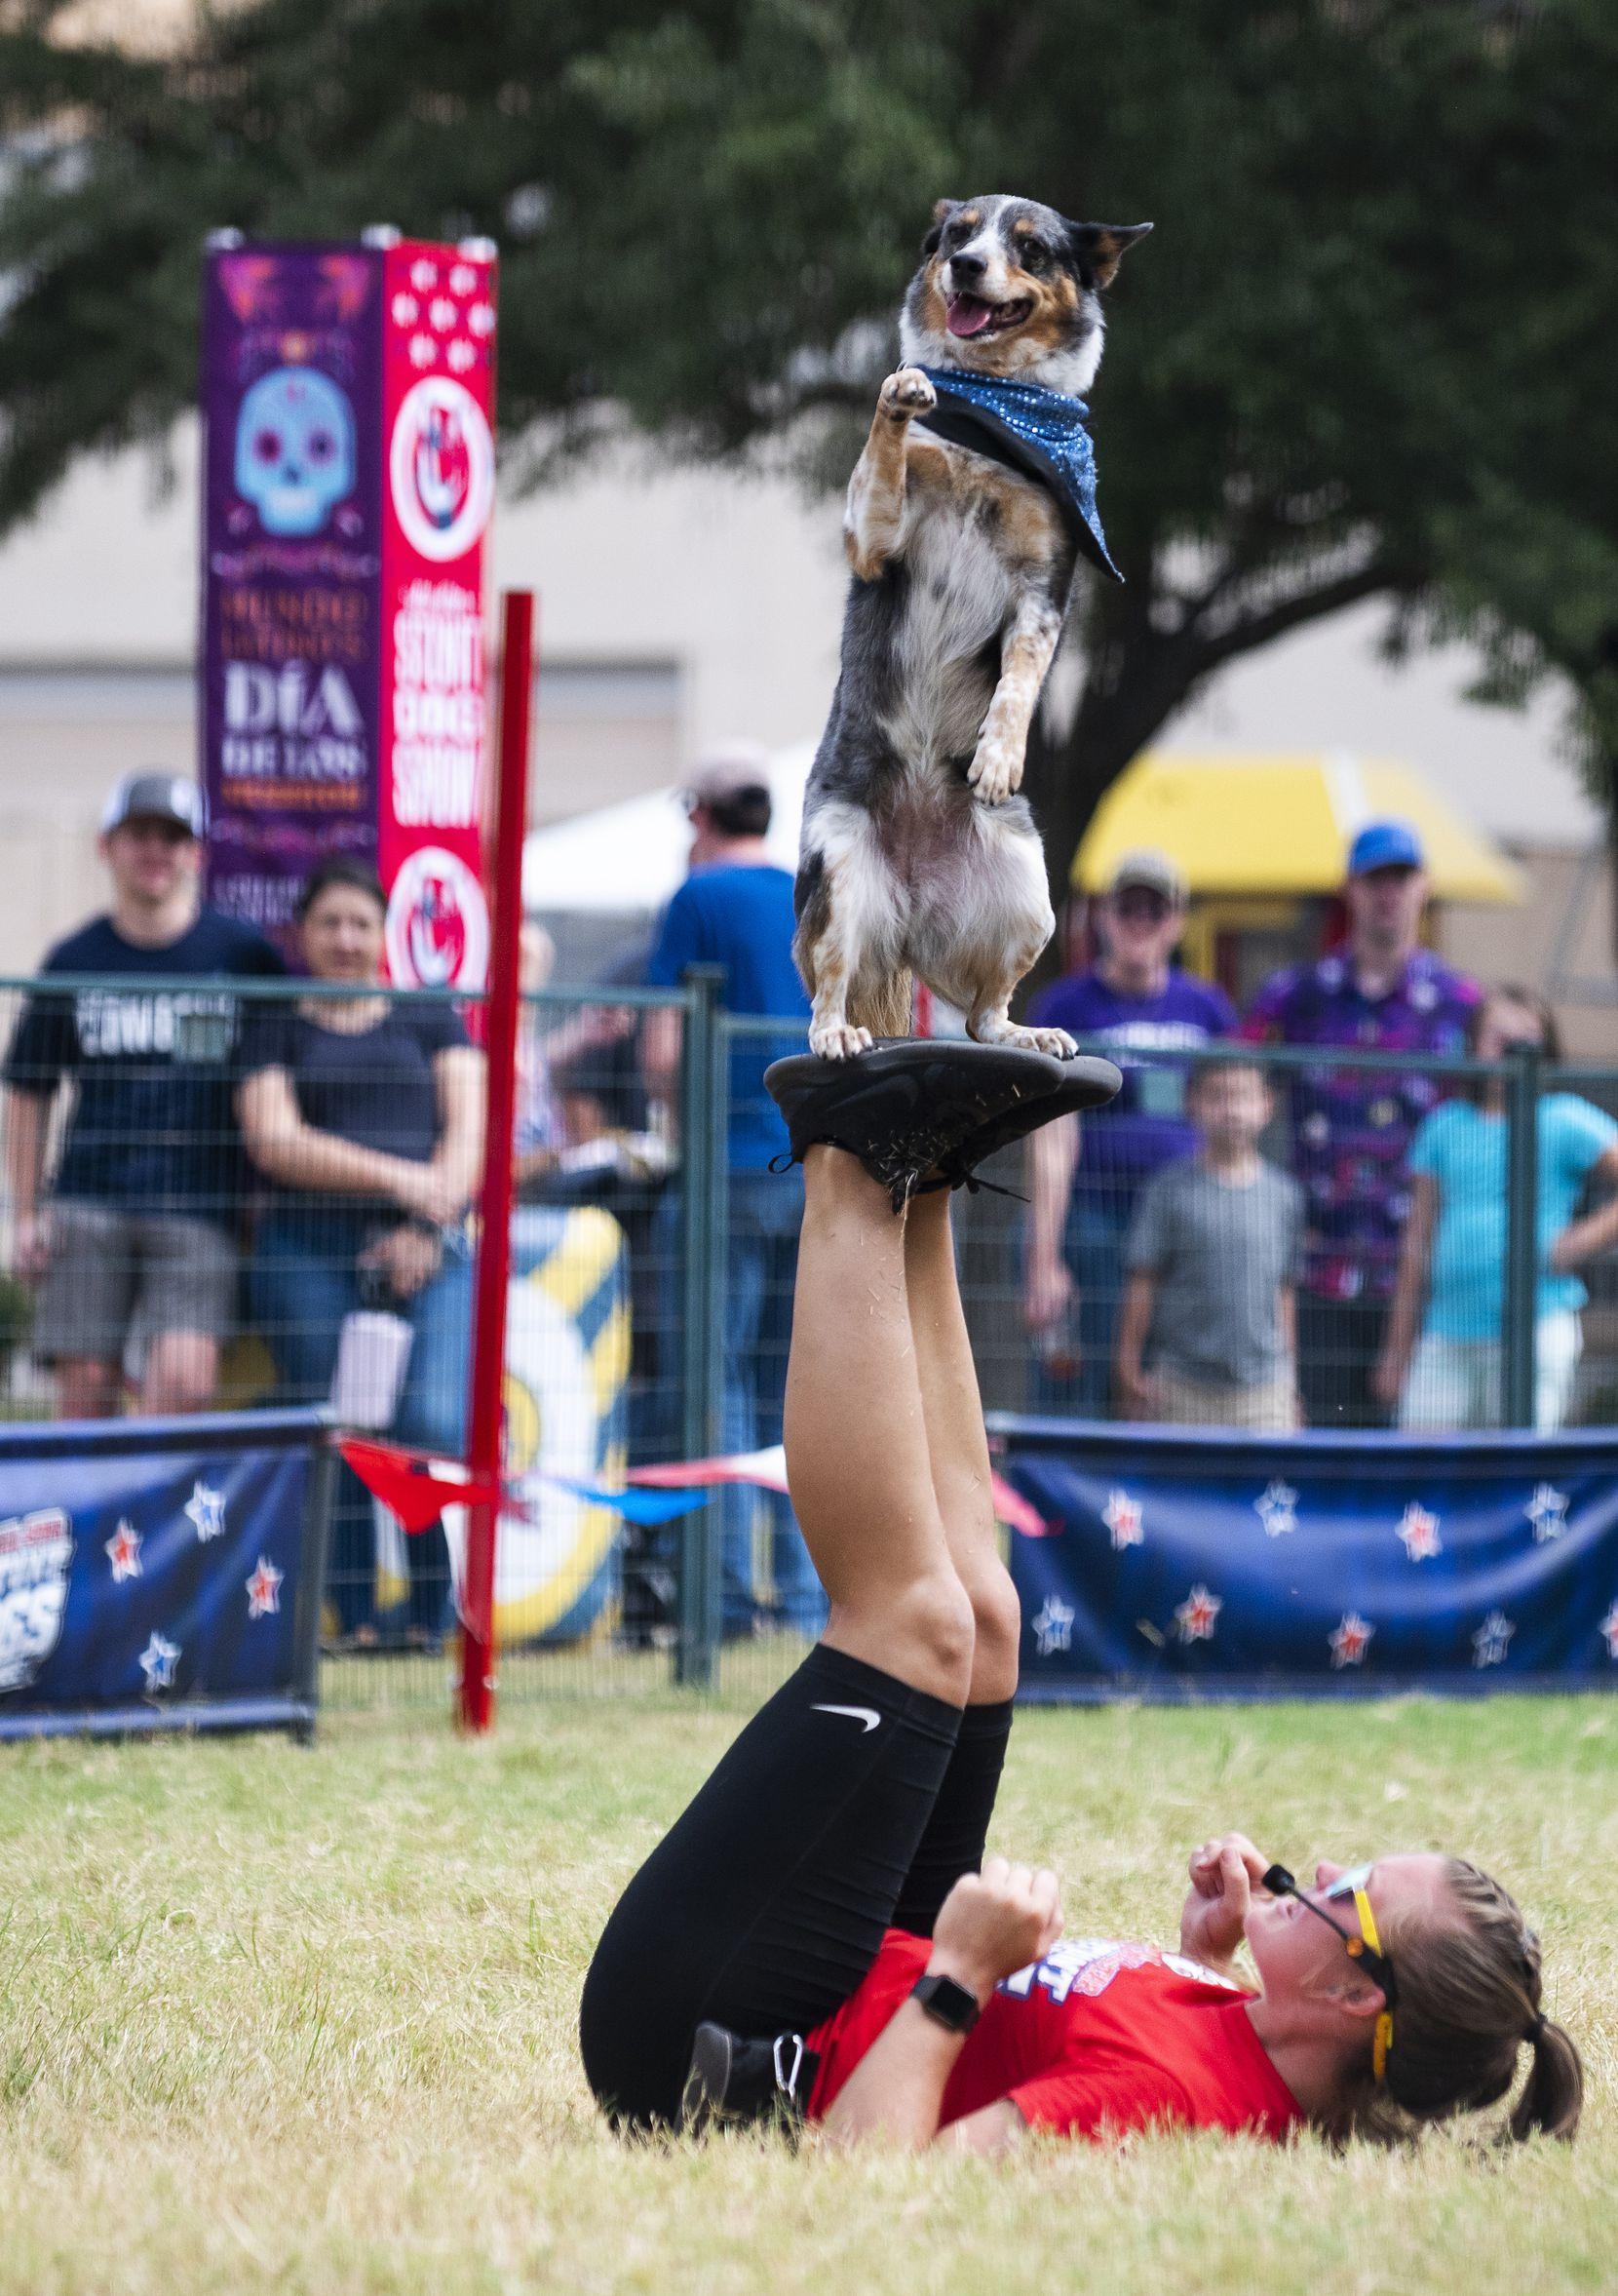 La entrenadora de perros Kara Robertson trabaja con Kaboodle durante el All-Star Stung DogShow en la Feria Estatal de Texas.